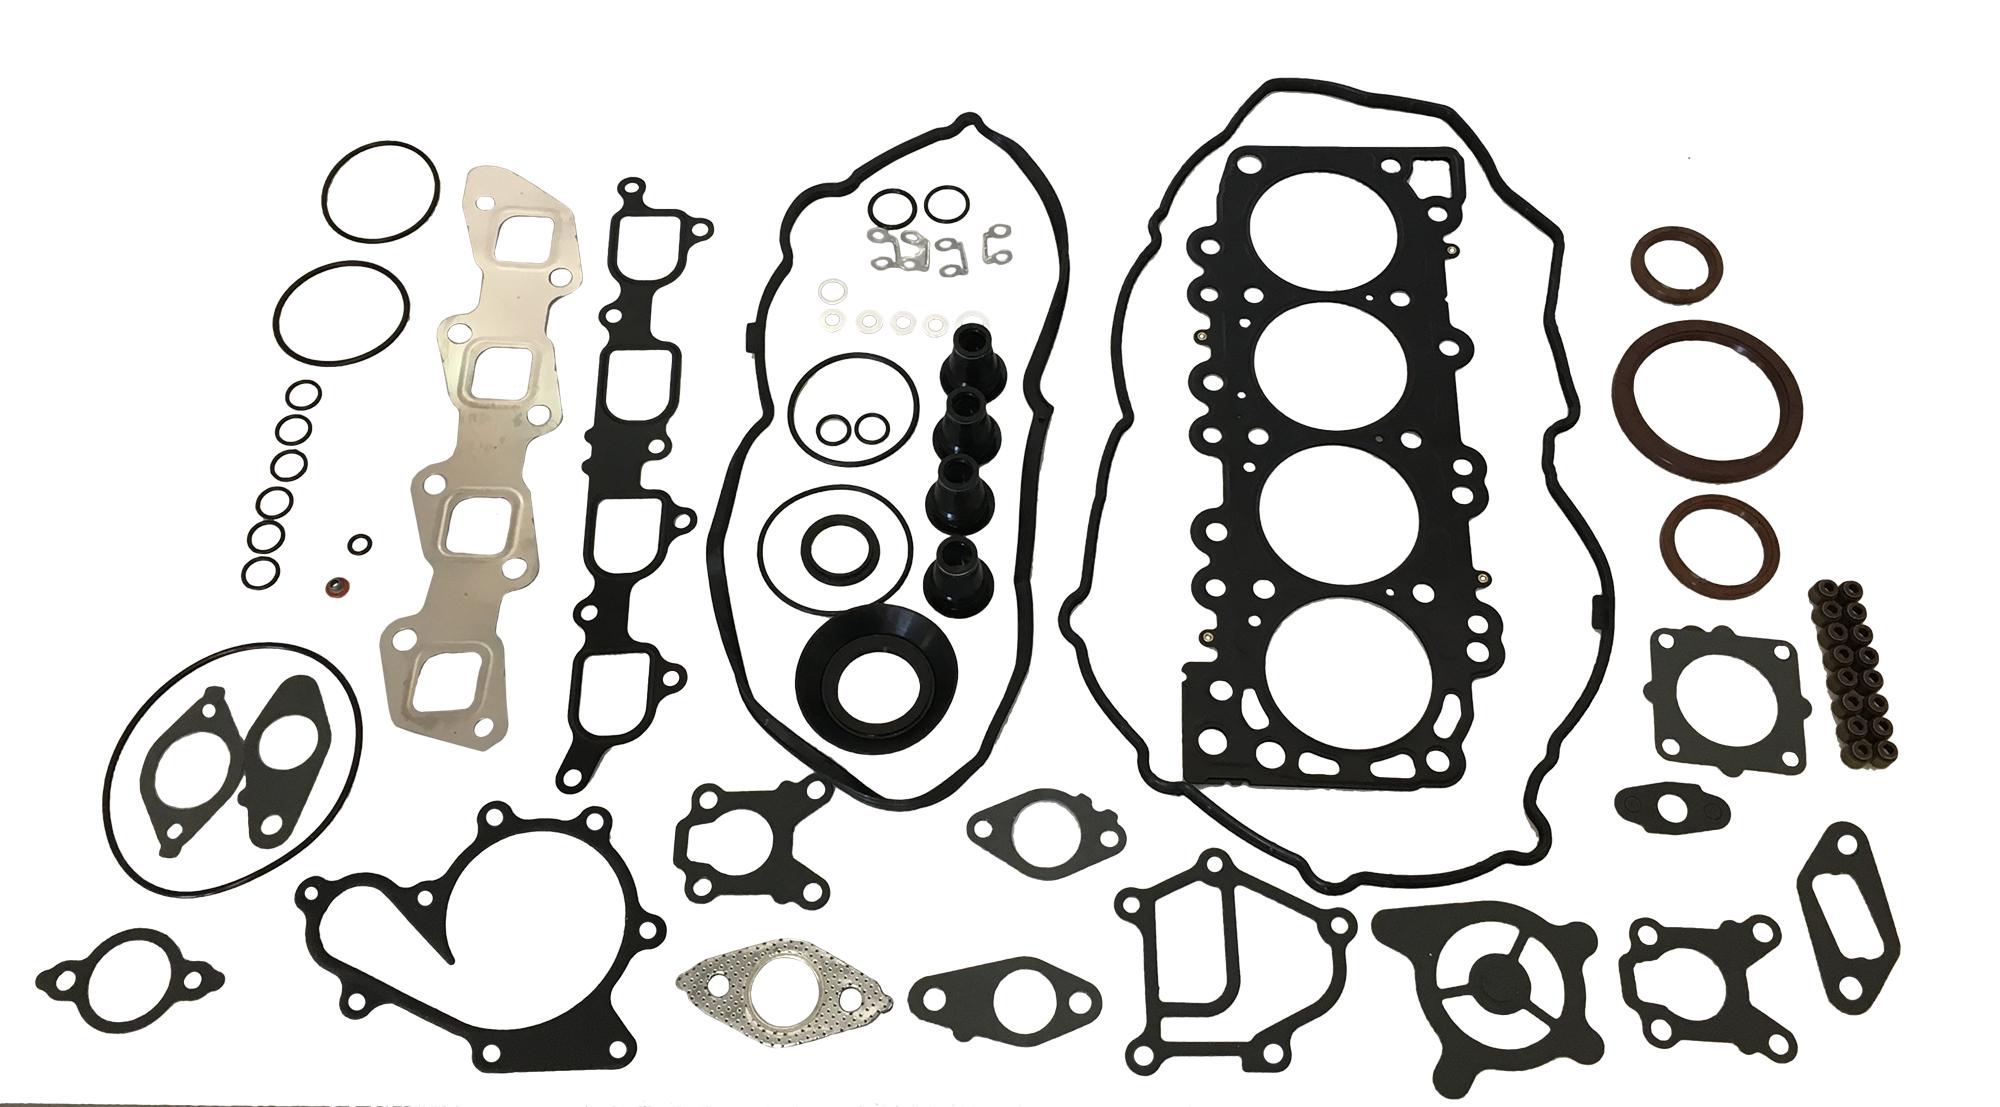 Kit de joints de Culasse Nissan NP300 2,5 dCi YD25DDTi 11044-VK500 NOUVEAU